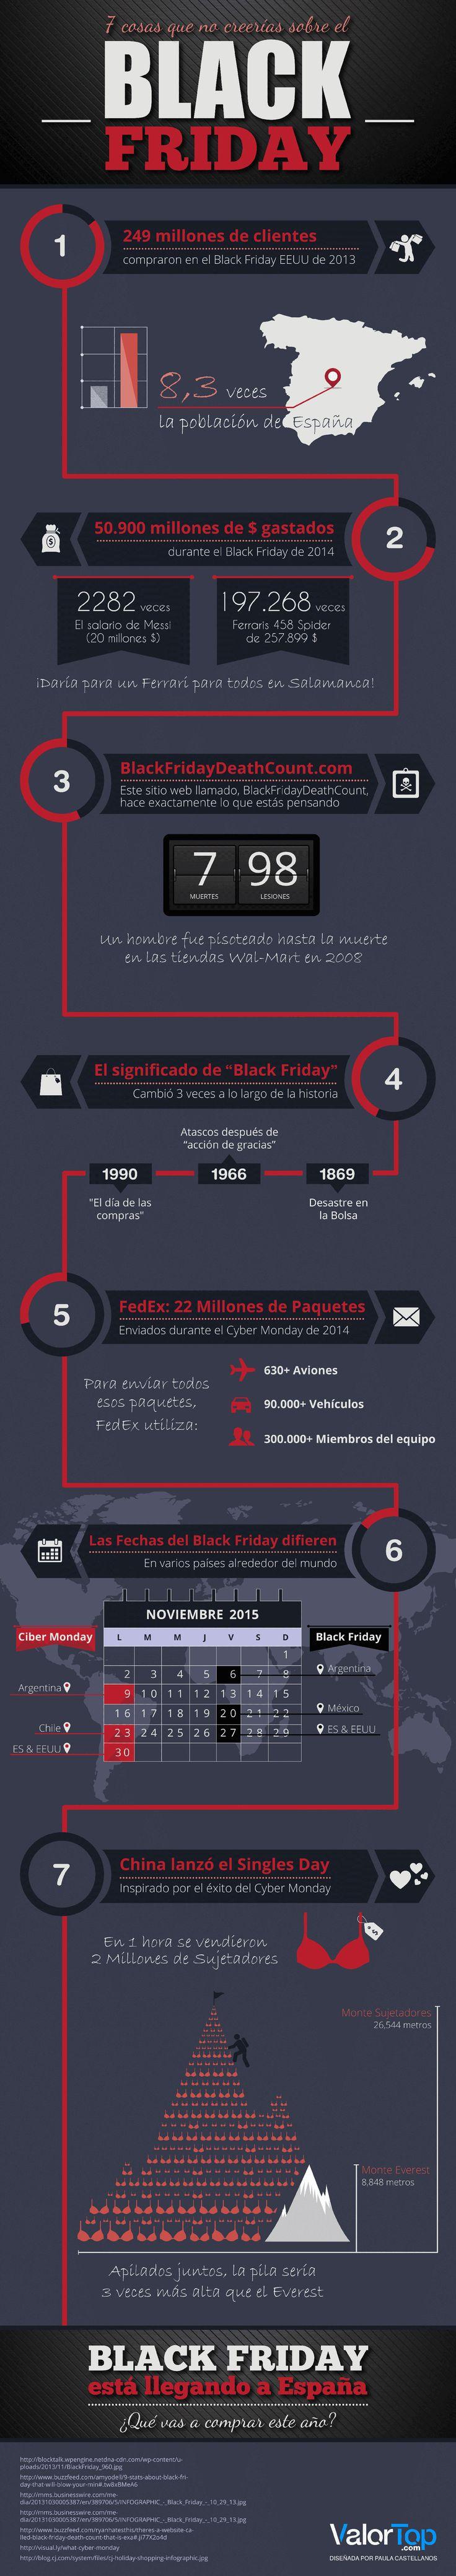 7 anécdotas que no creeras sobre el Black Friday